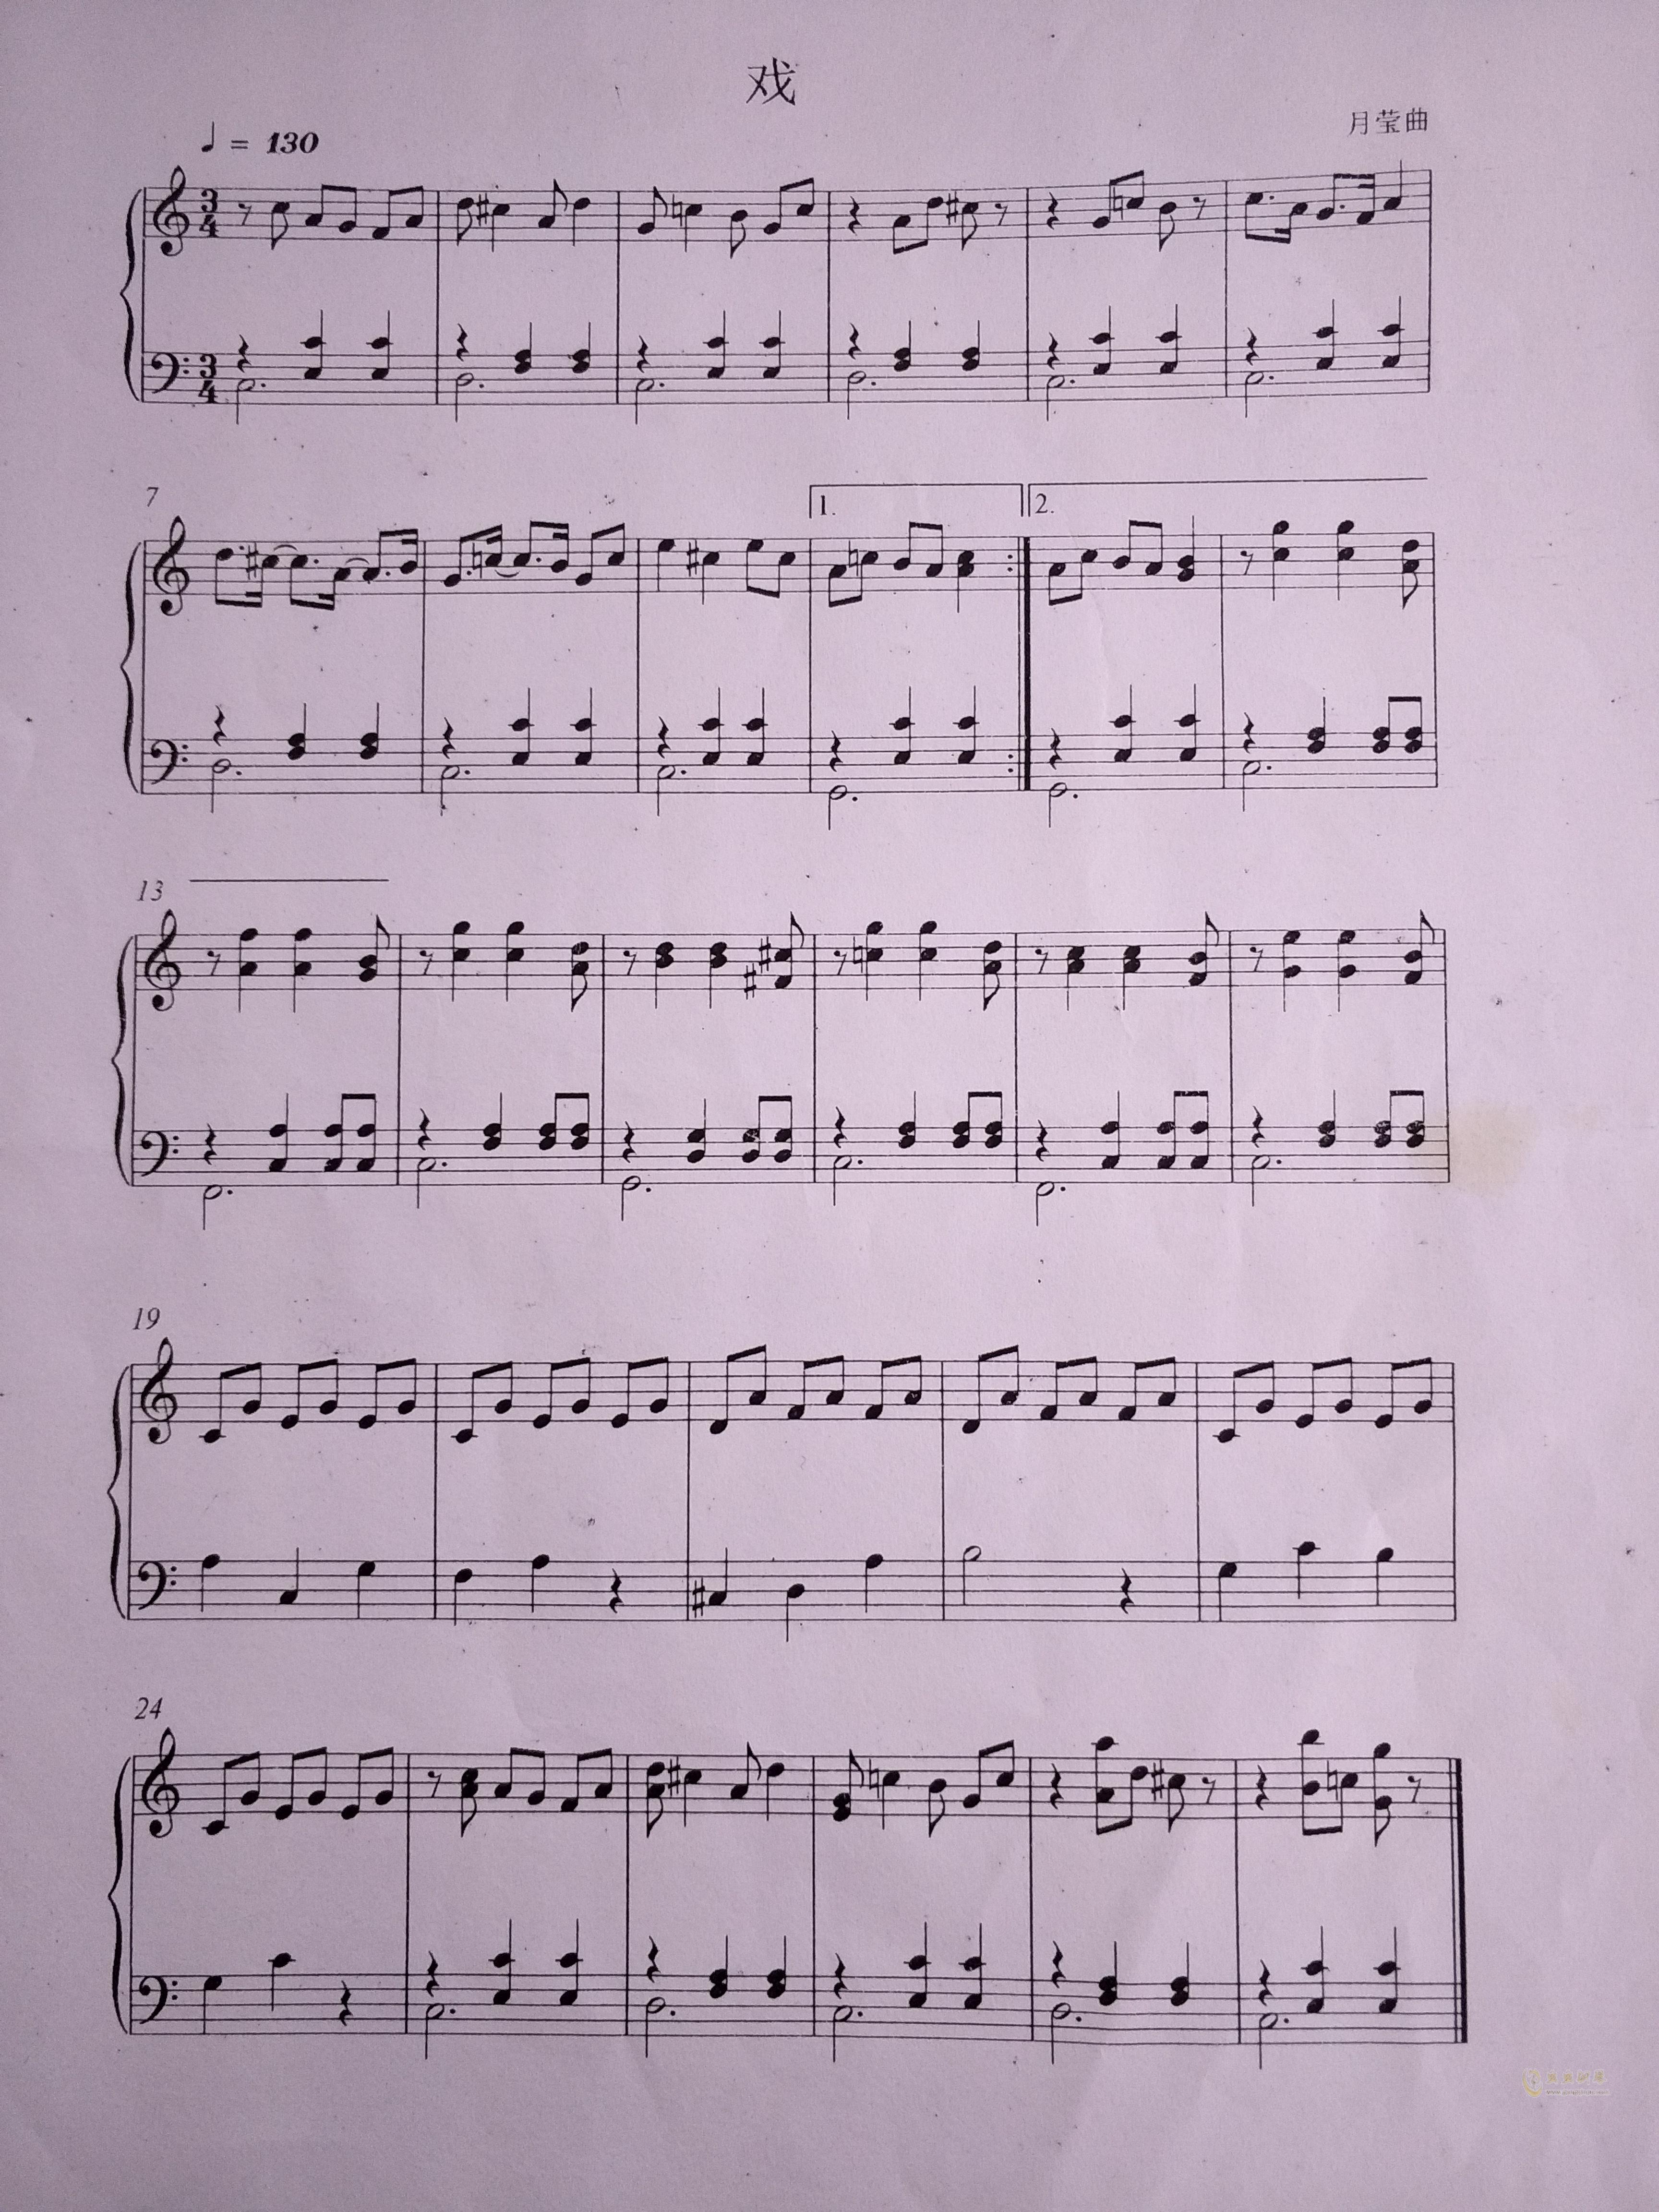 戏钢琴谱 第1页